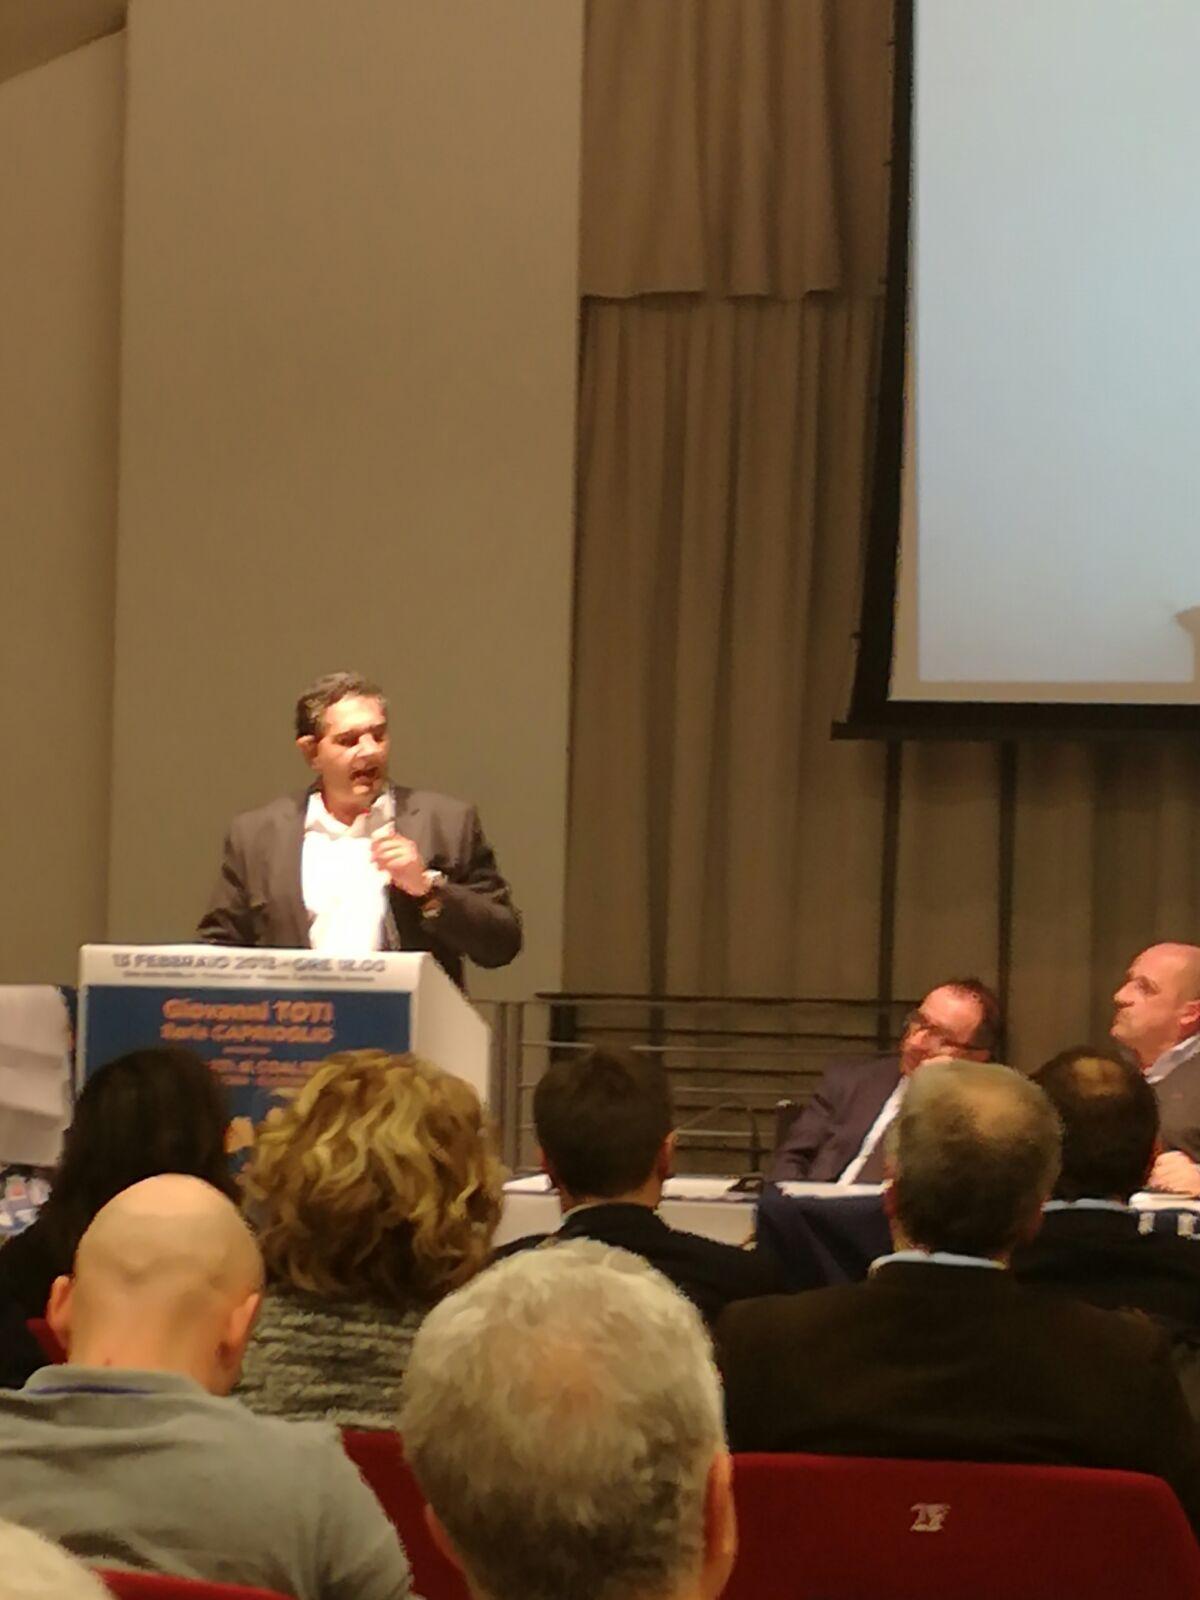 Presentati i candidati della coalizione di centrodestra